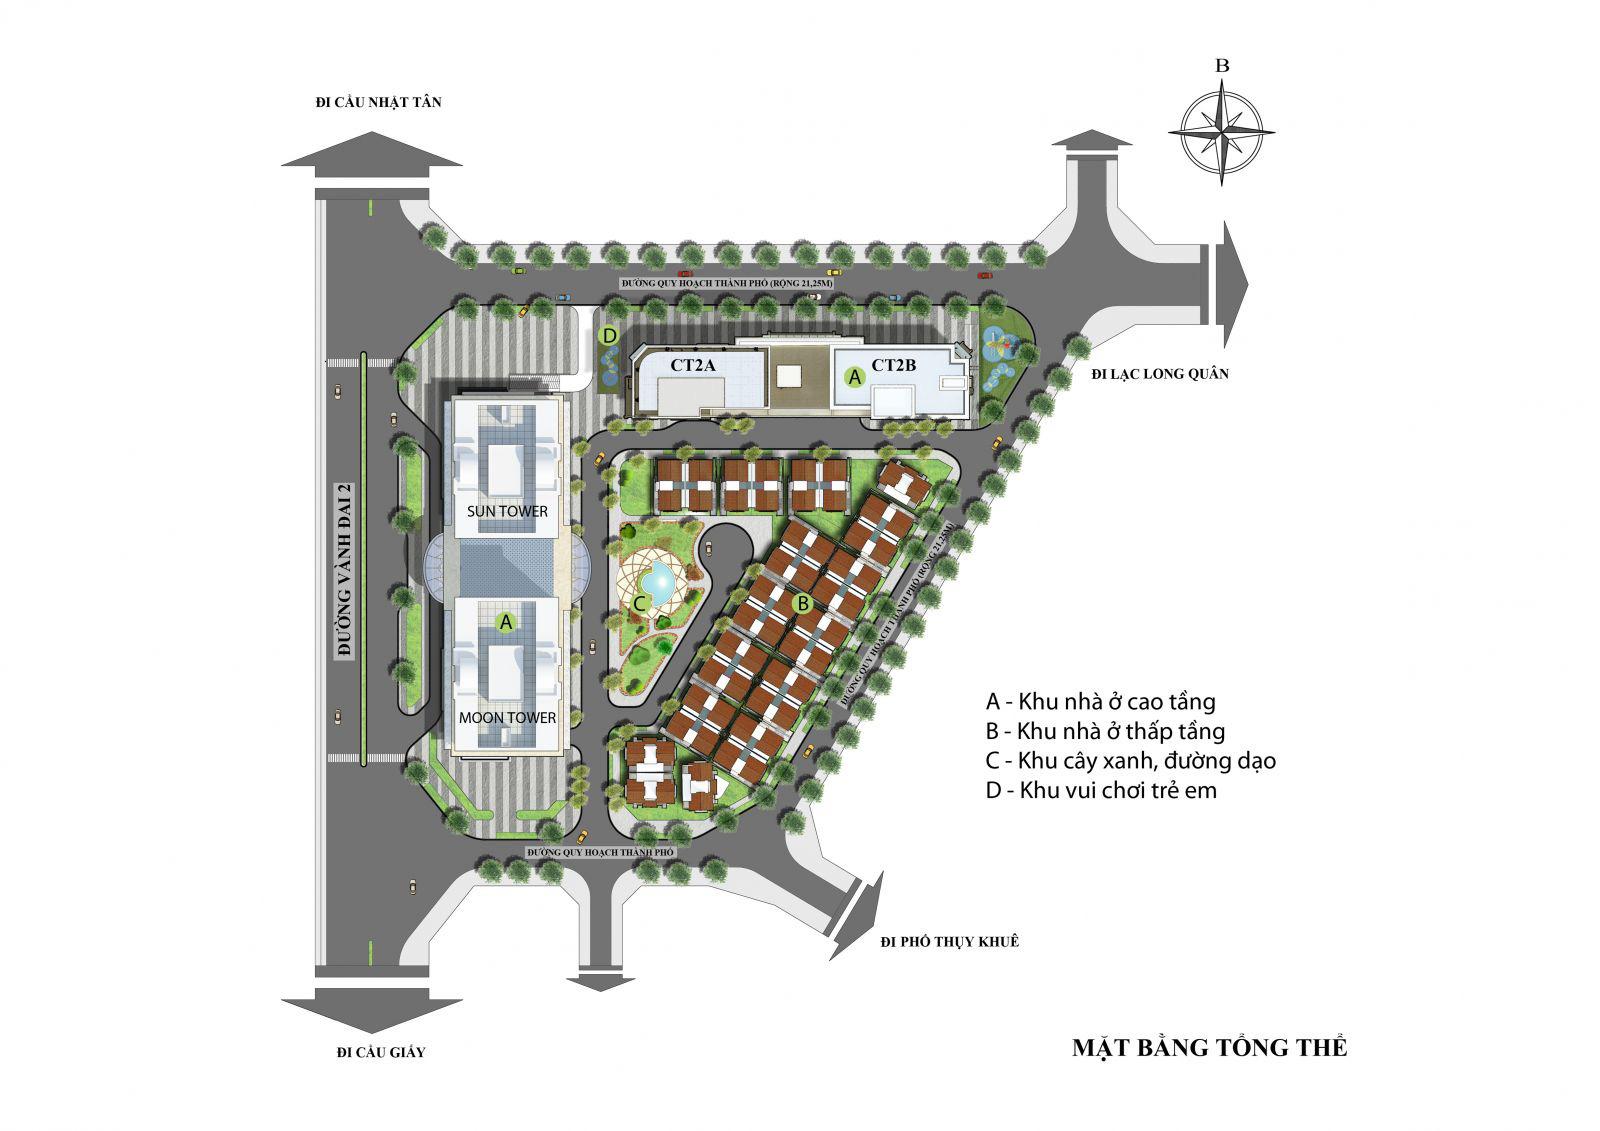 Dự án đang mở bán tại Hà Nội: Ngắm hồ Tây từ dự án Tây Hồ Residence đang thế chấp ngân hàng mất thêm 800 triệu đồng? - Ảnh 4.